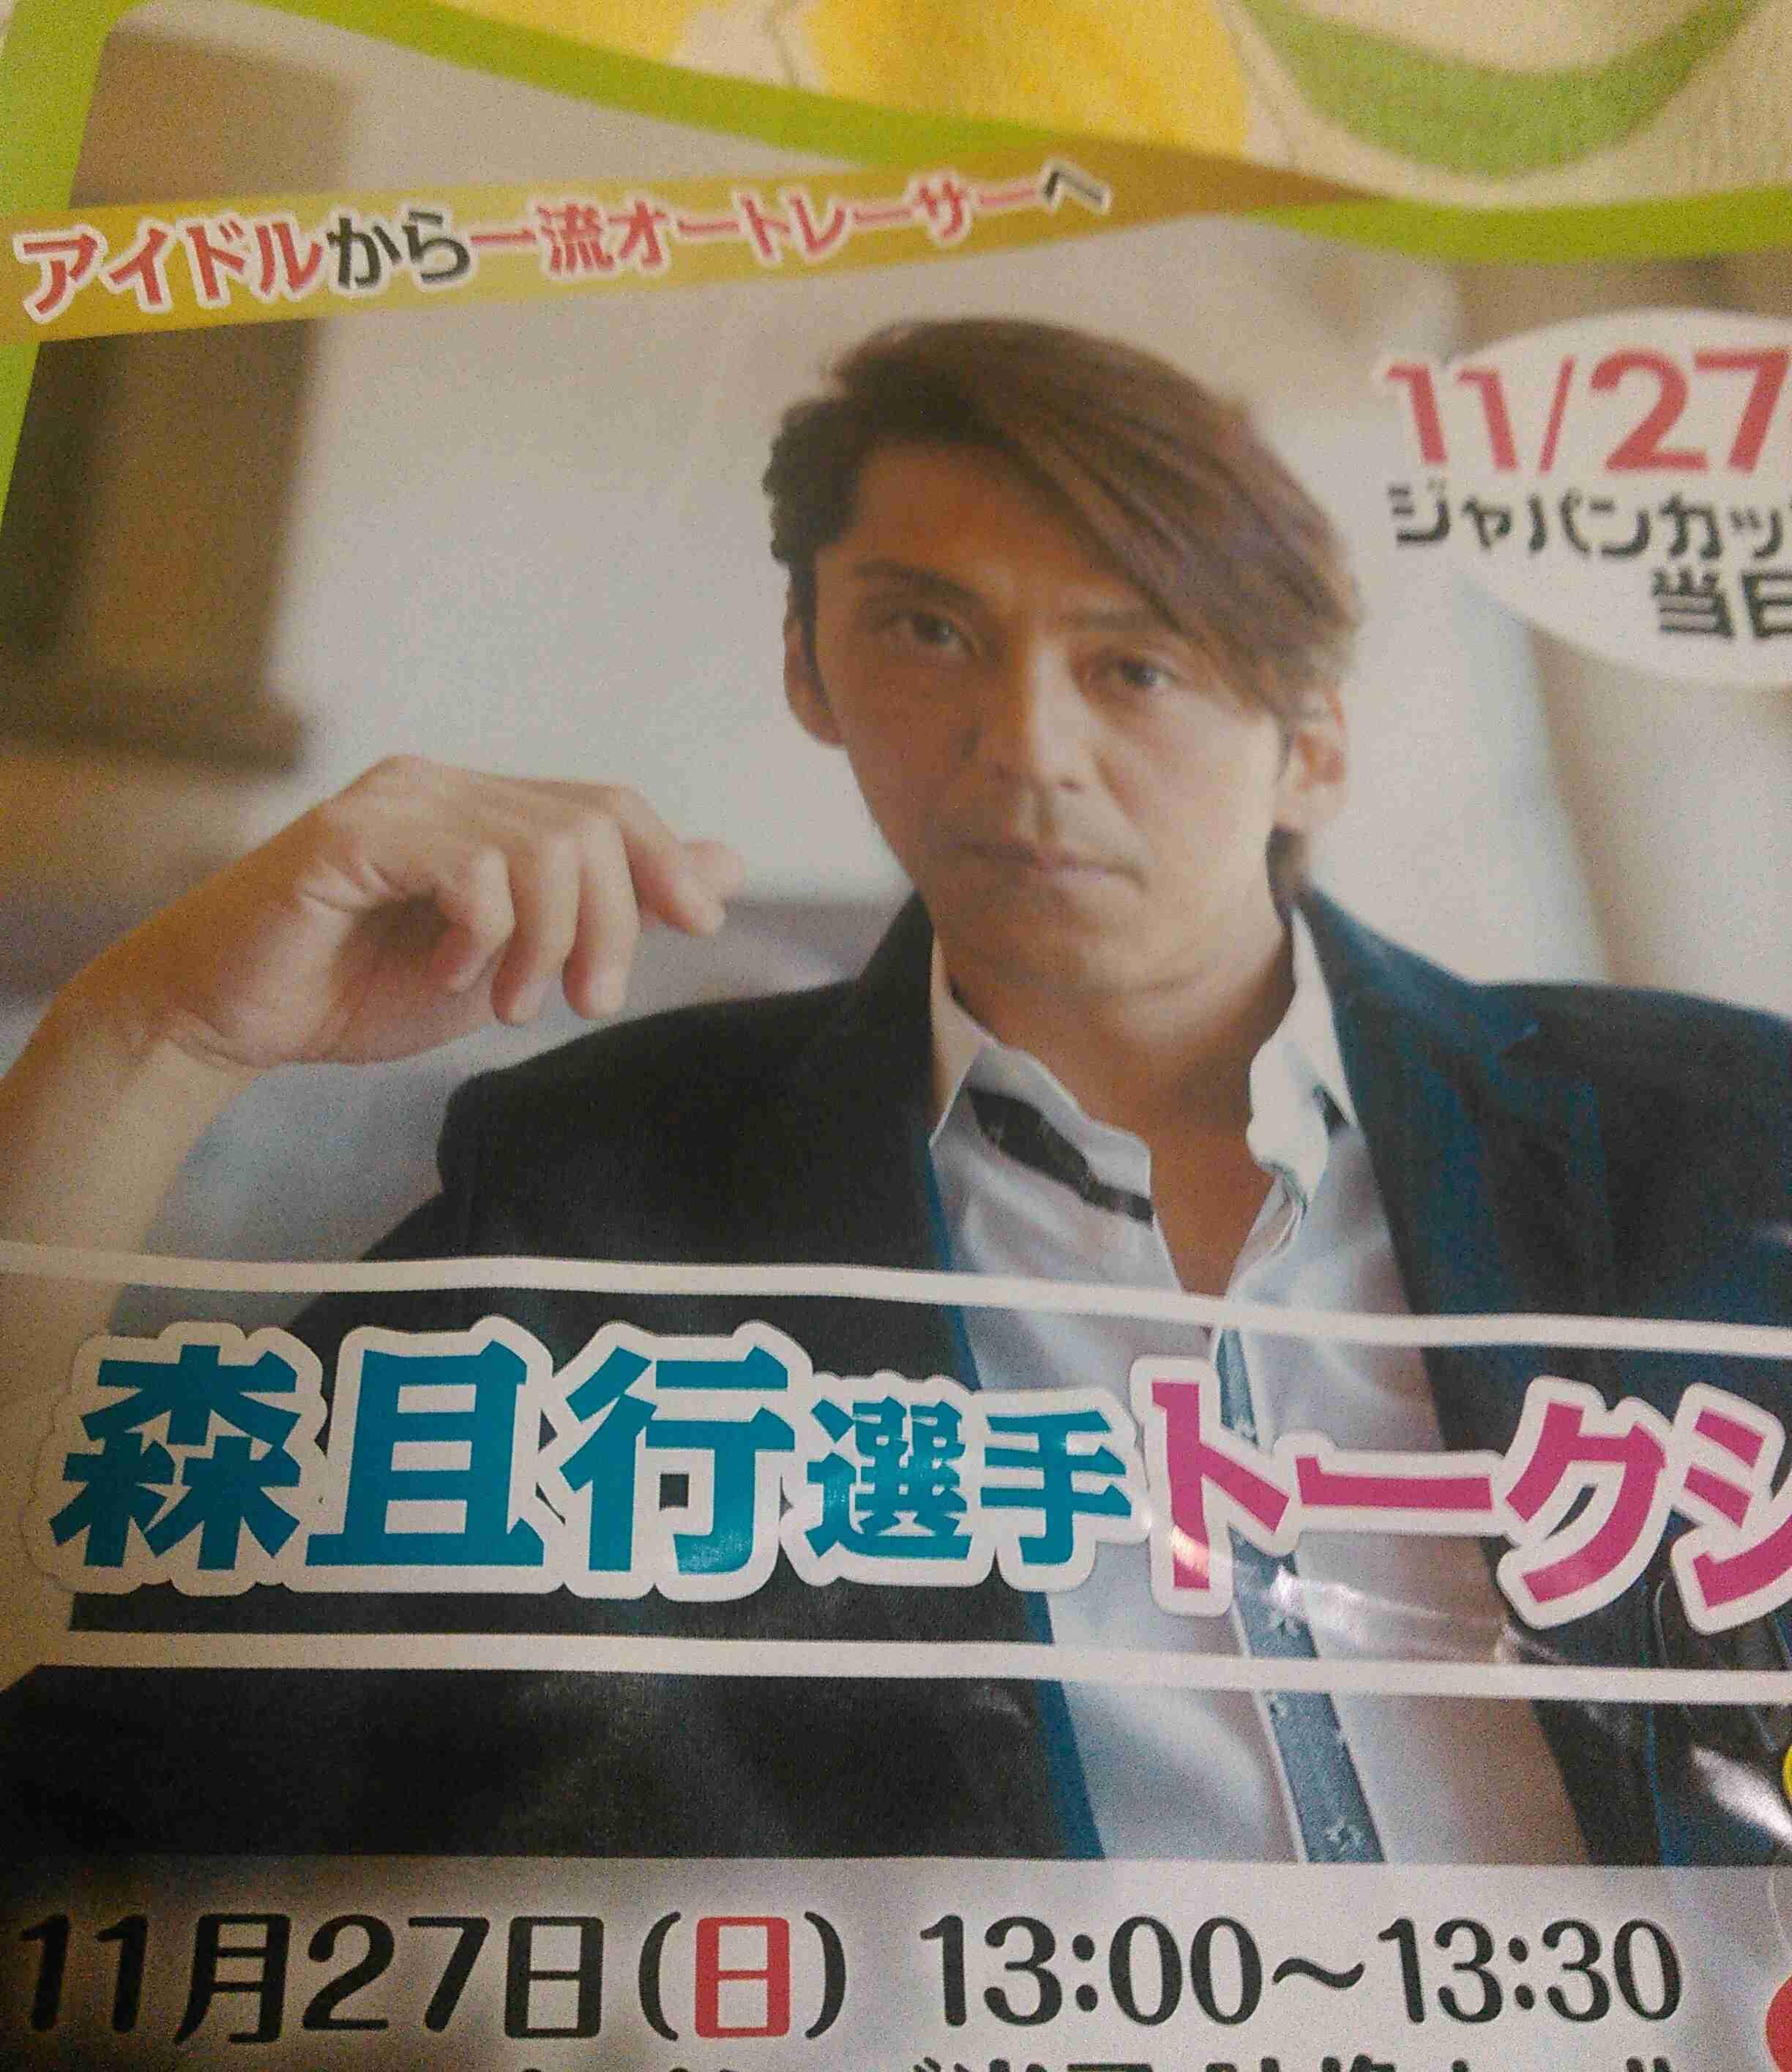 SMAP名作ドラマ・映画をフジテレビで一挙再放送 『古畑任三郎』『世にも奇妙な物語』も